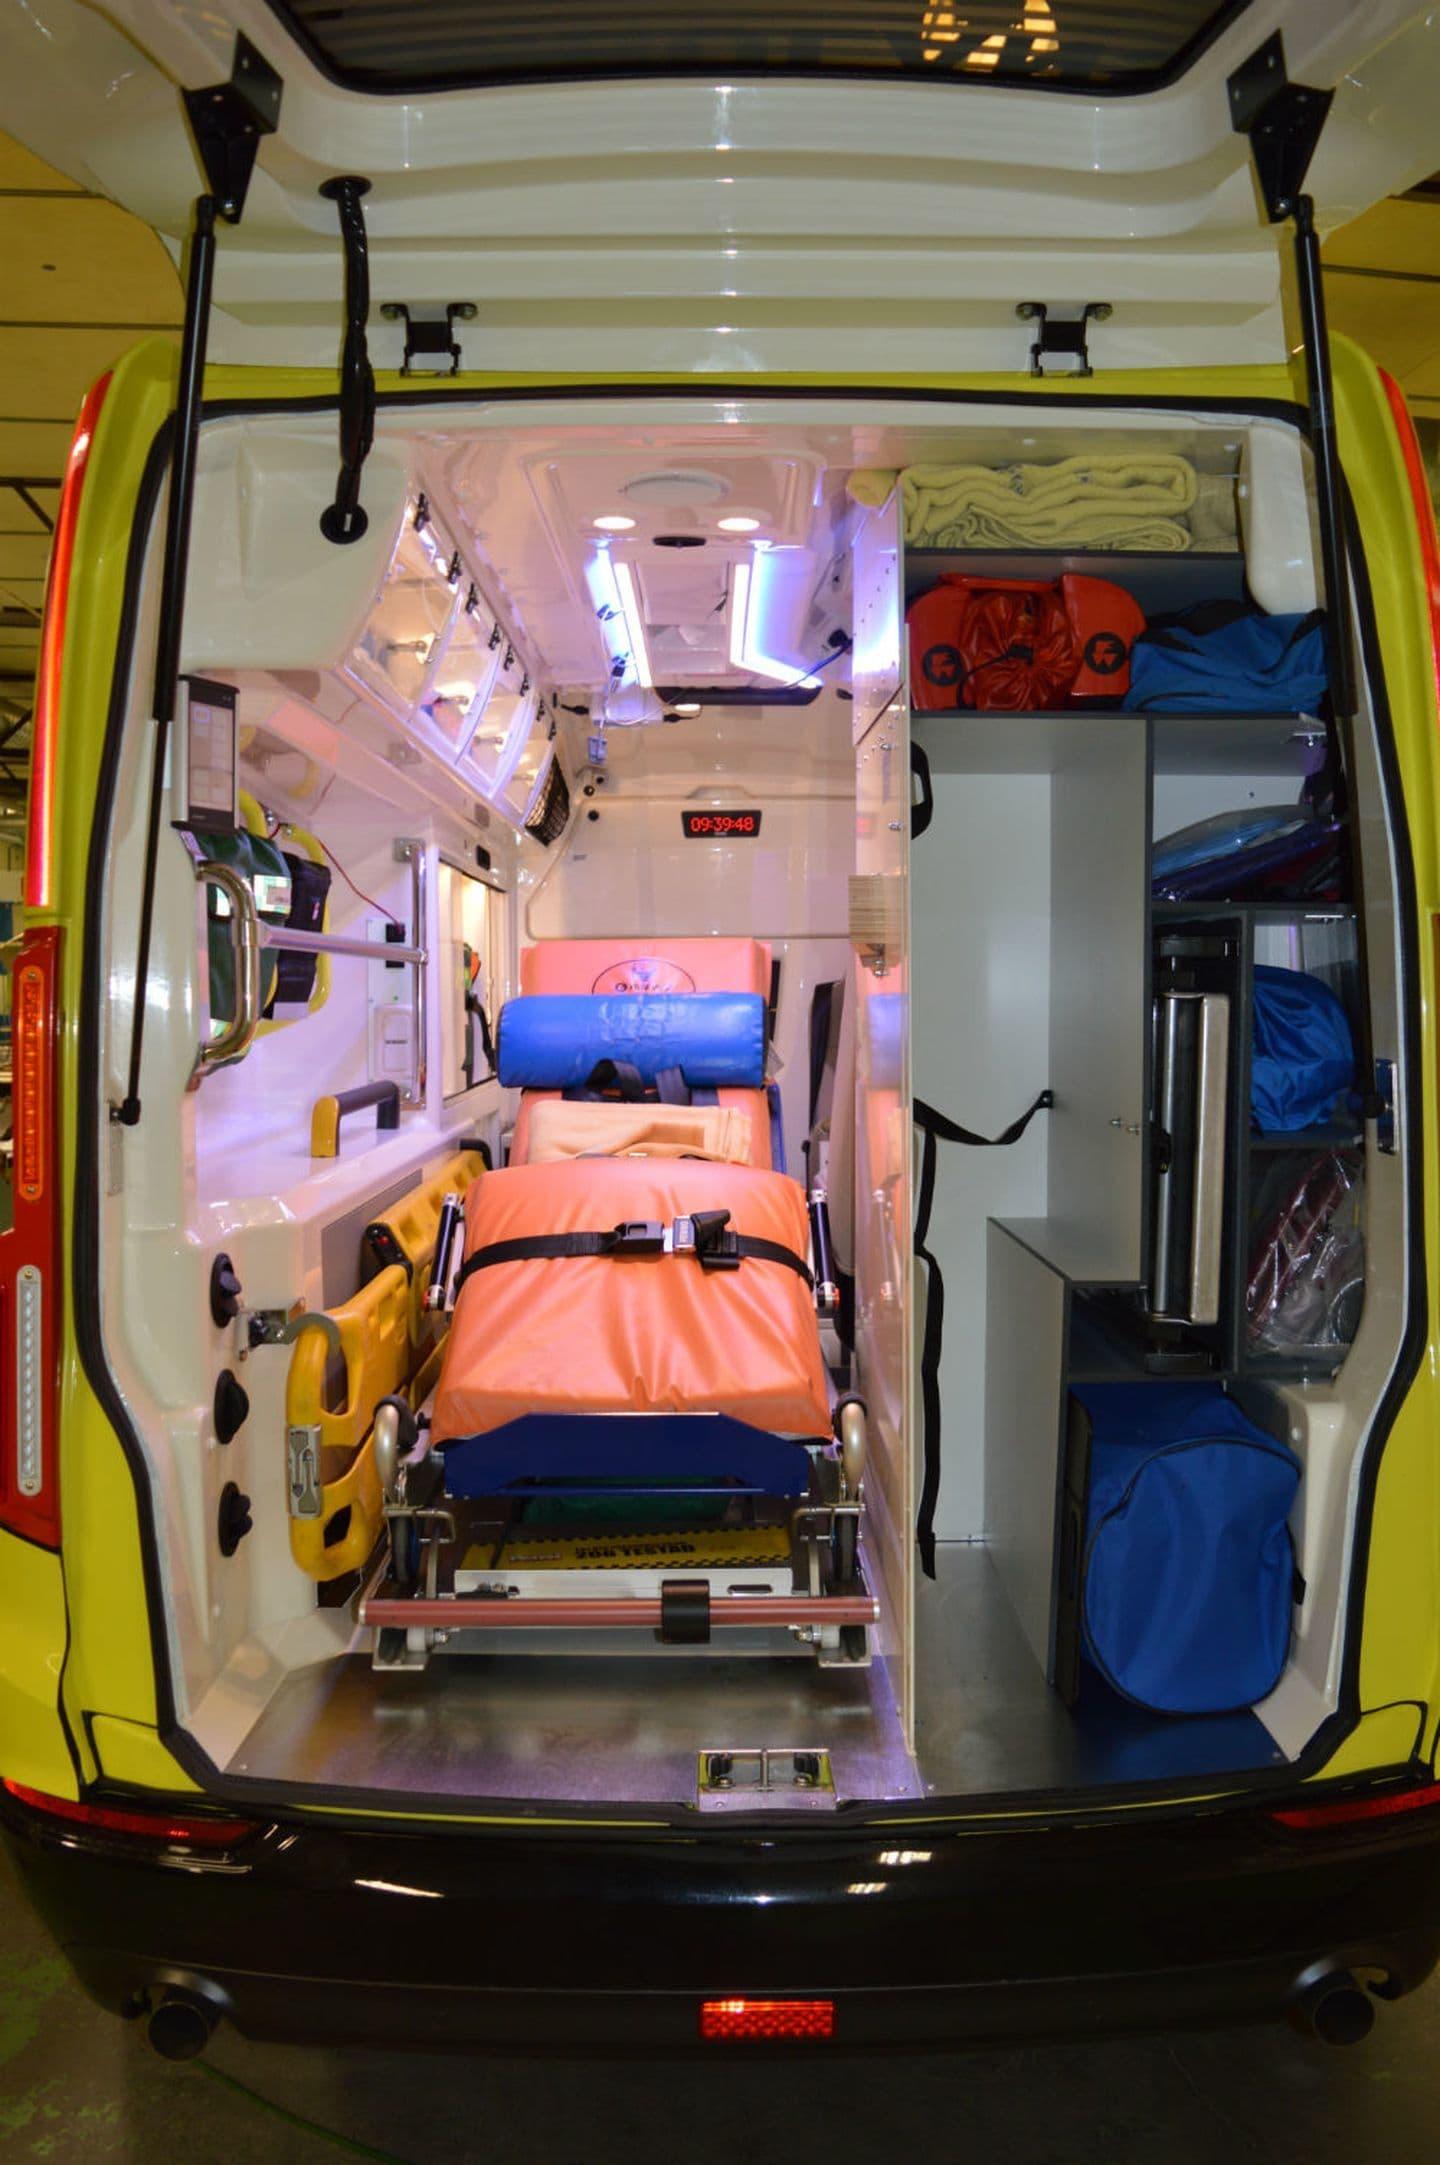 volvo_xc90_ambulancia_9.jpg